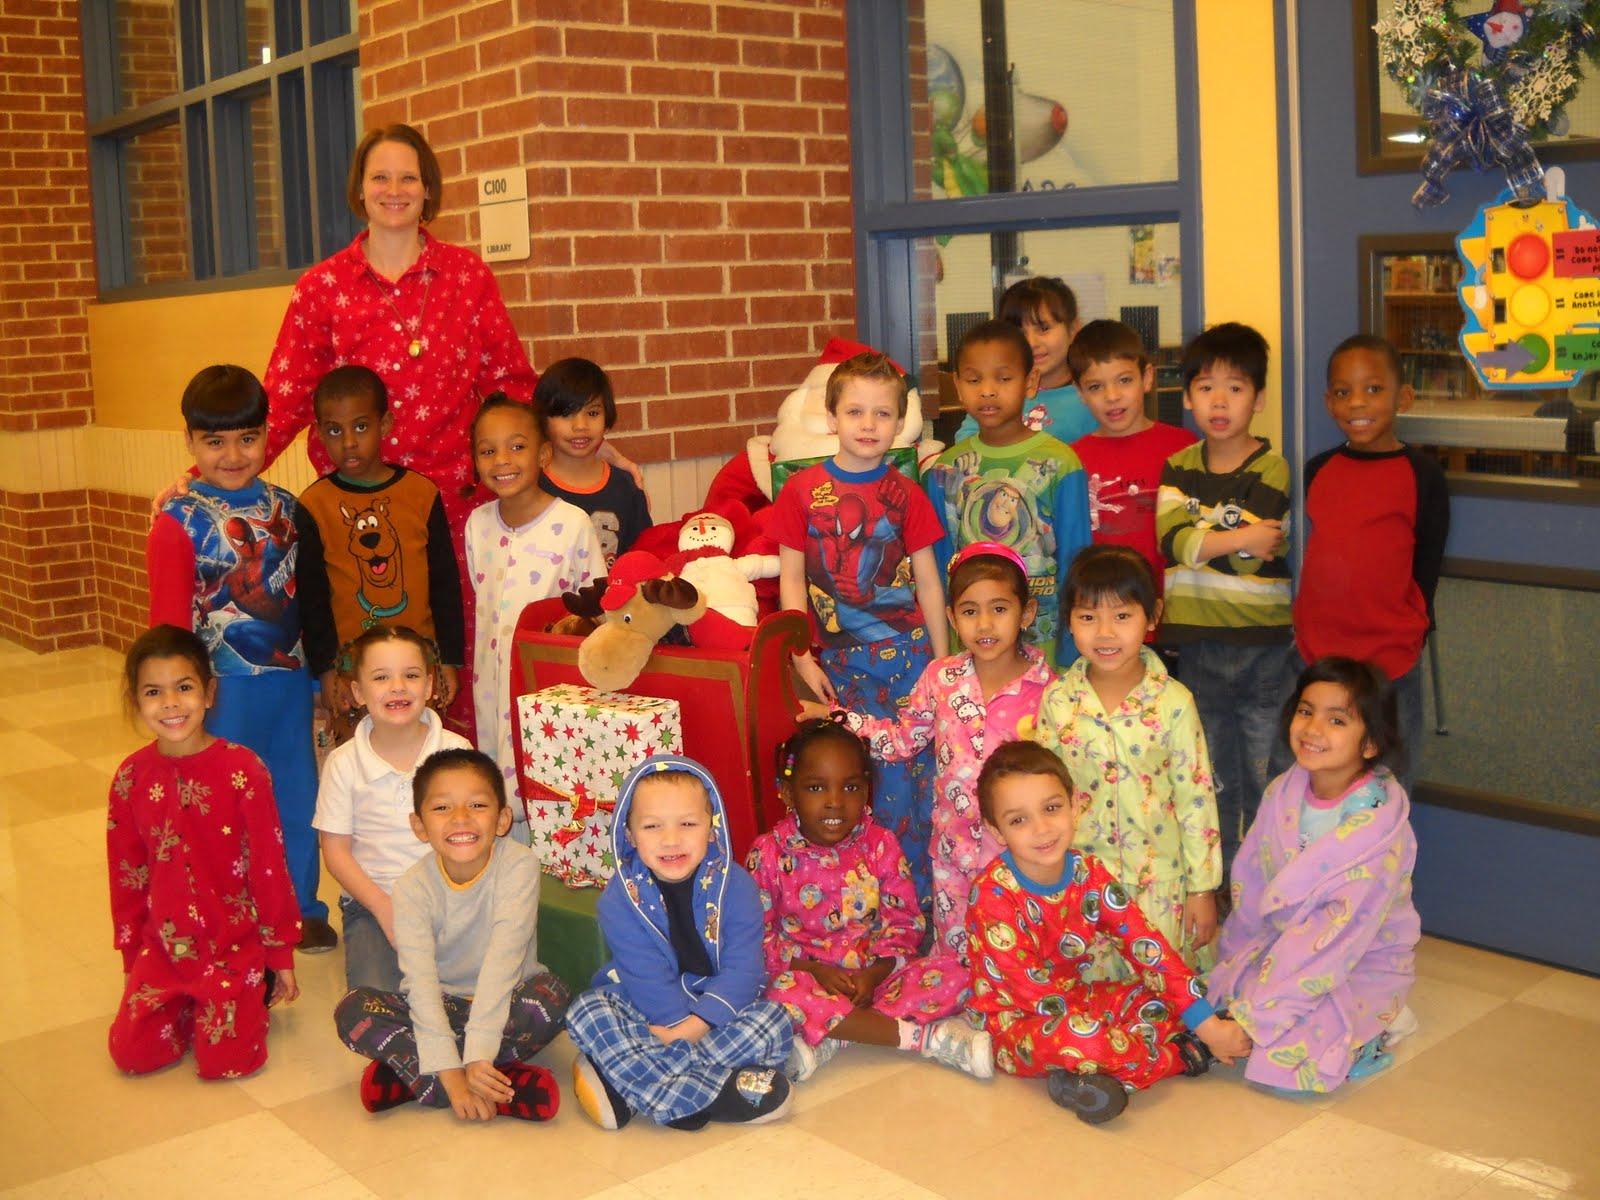 Mrs Wood S Kindergarten Class Polar Express Day